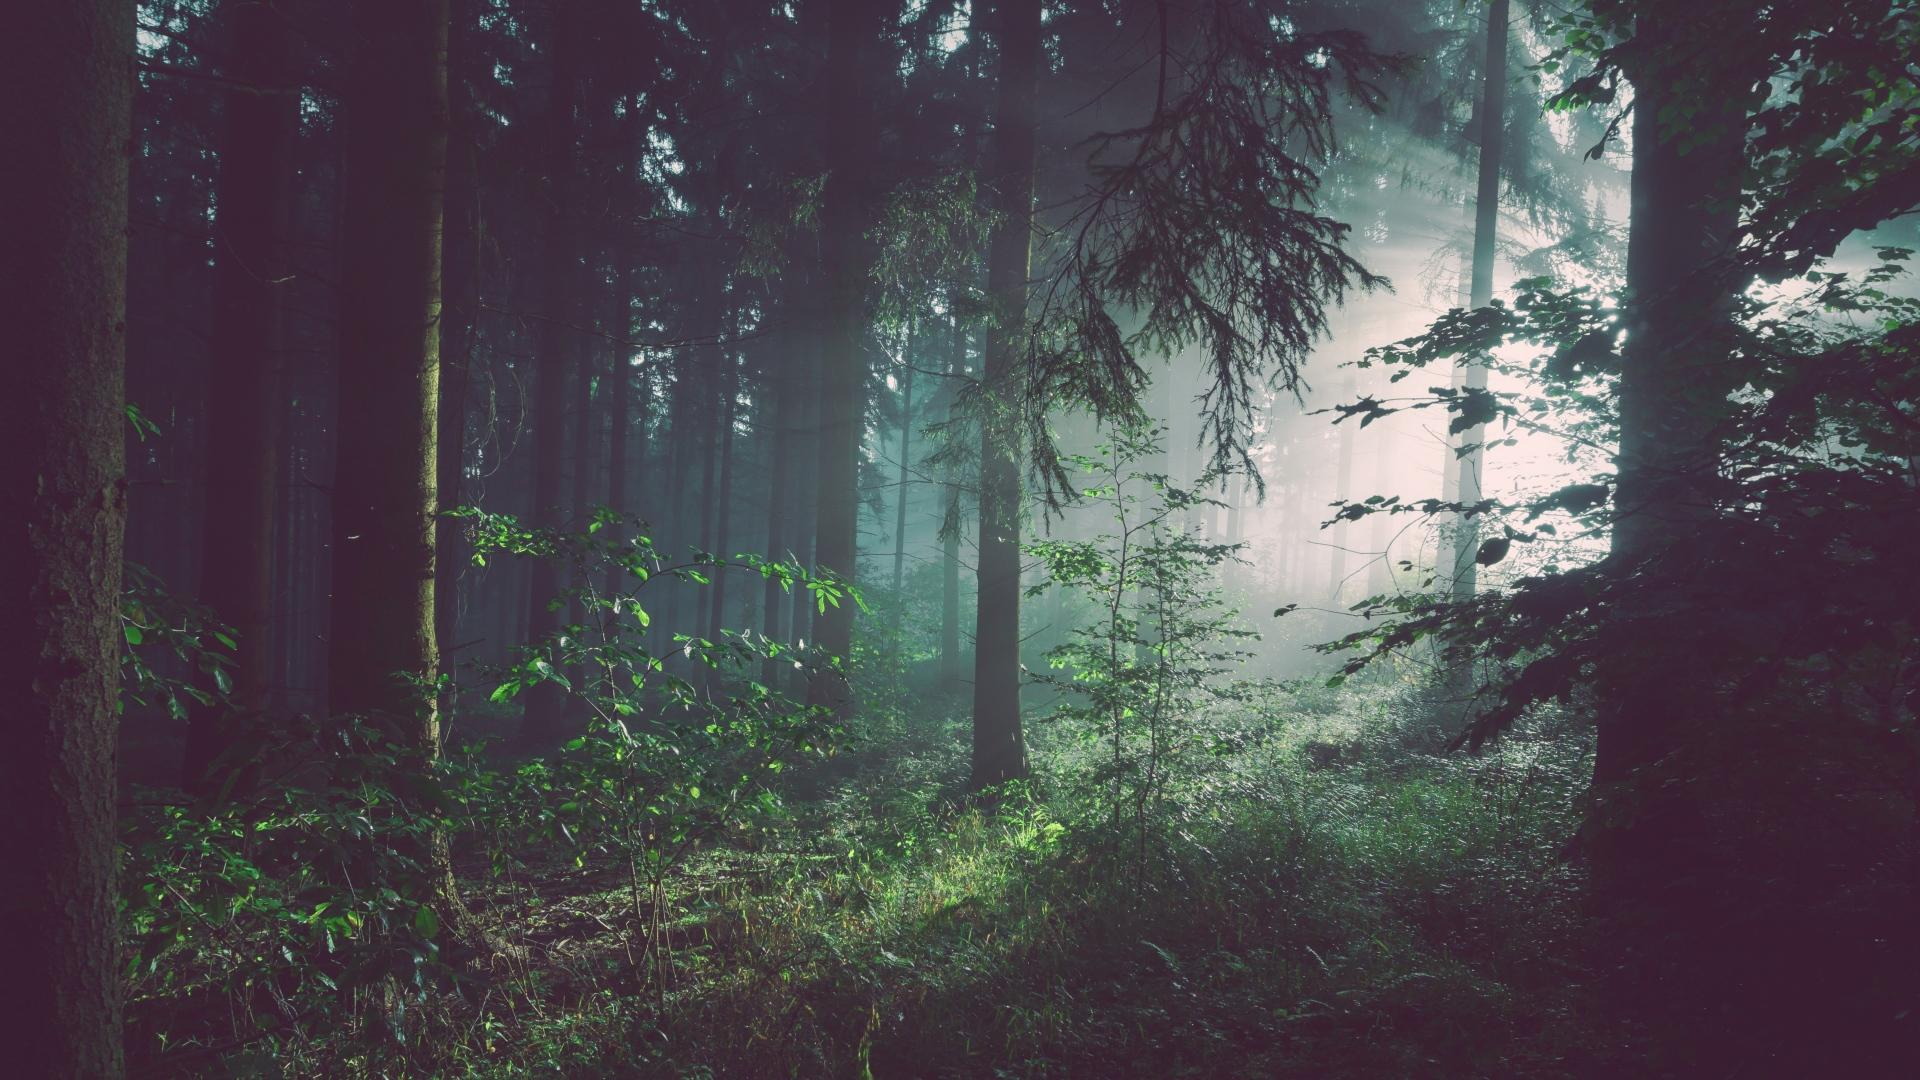 雾下朦胧的风景图片高清桌面壁纸_图片新闻_东方头条